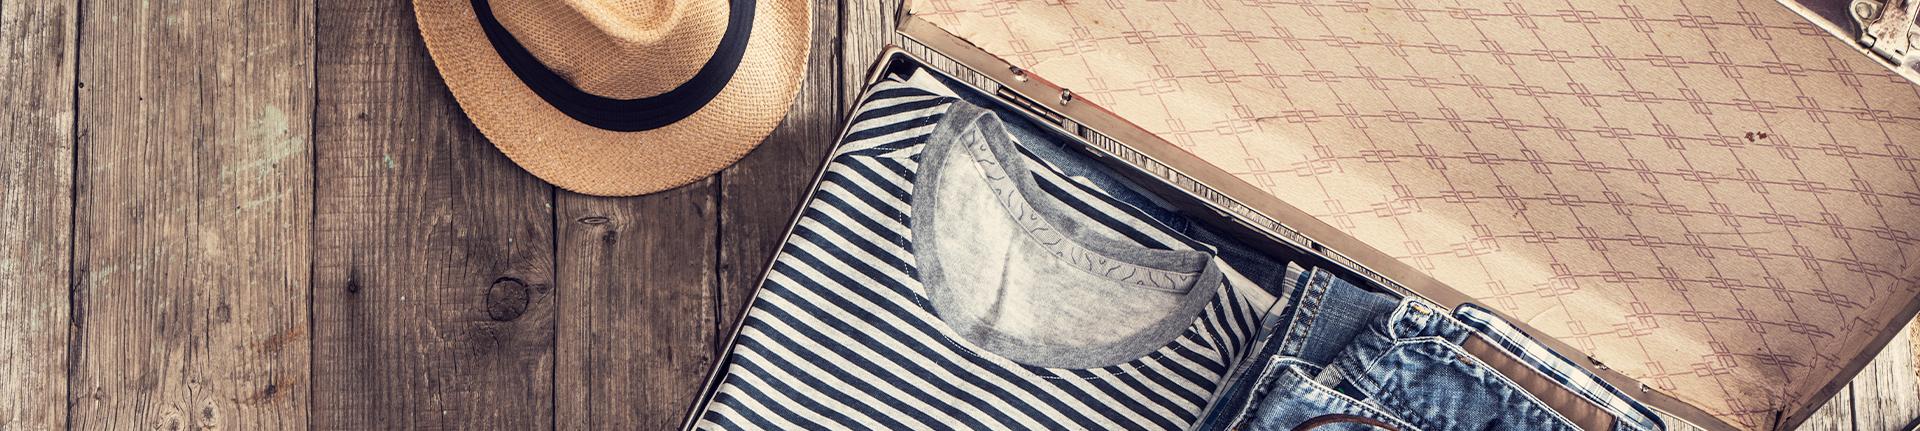 Arrumar a mala para as férias: peças coringas